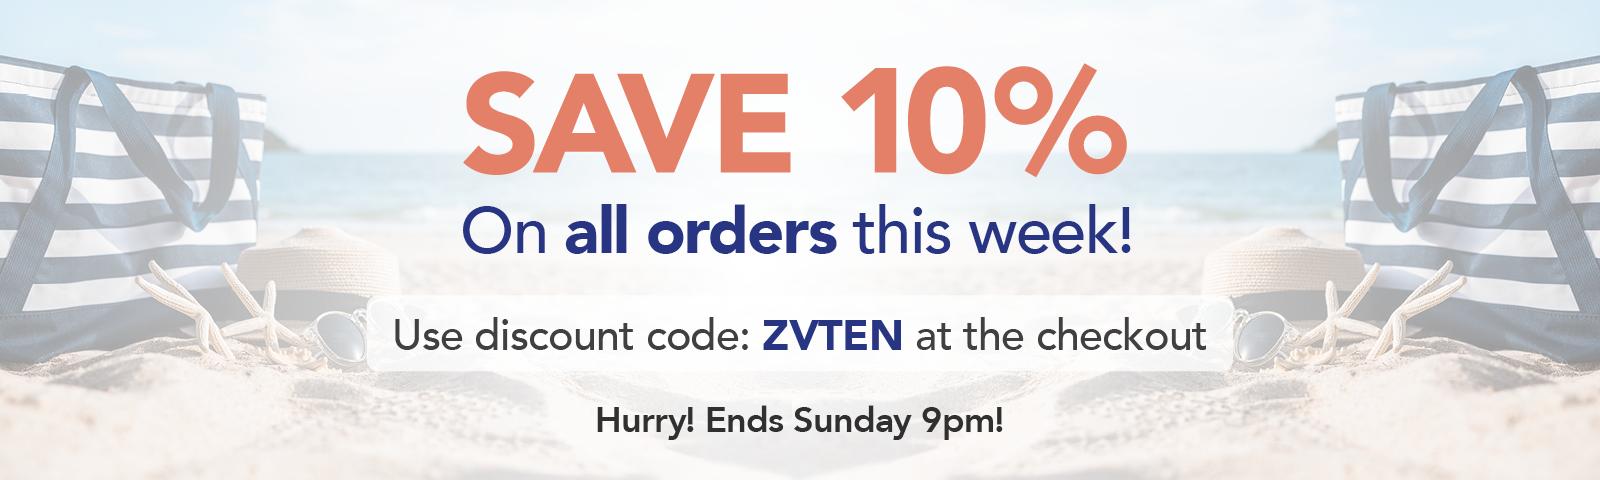 Save 10% this week